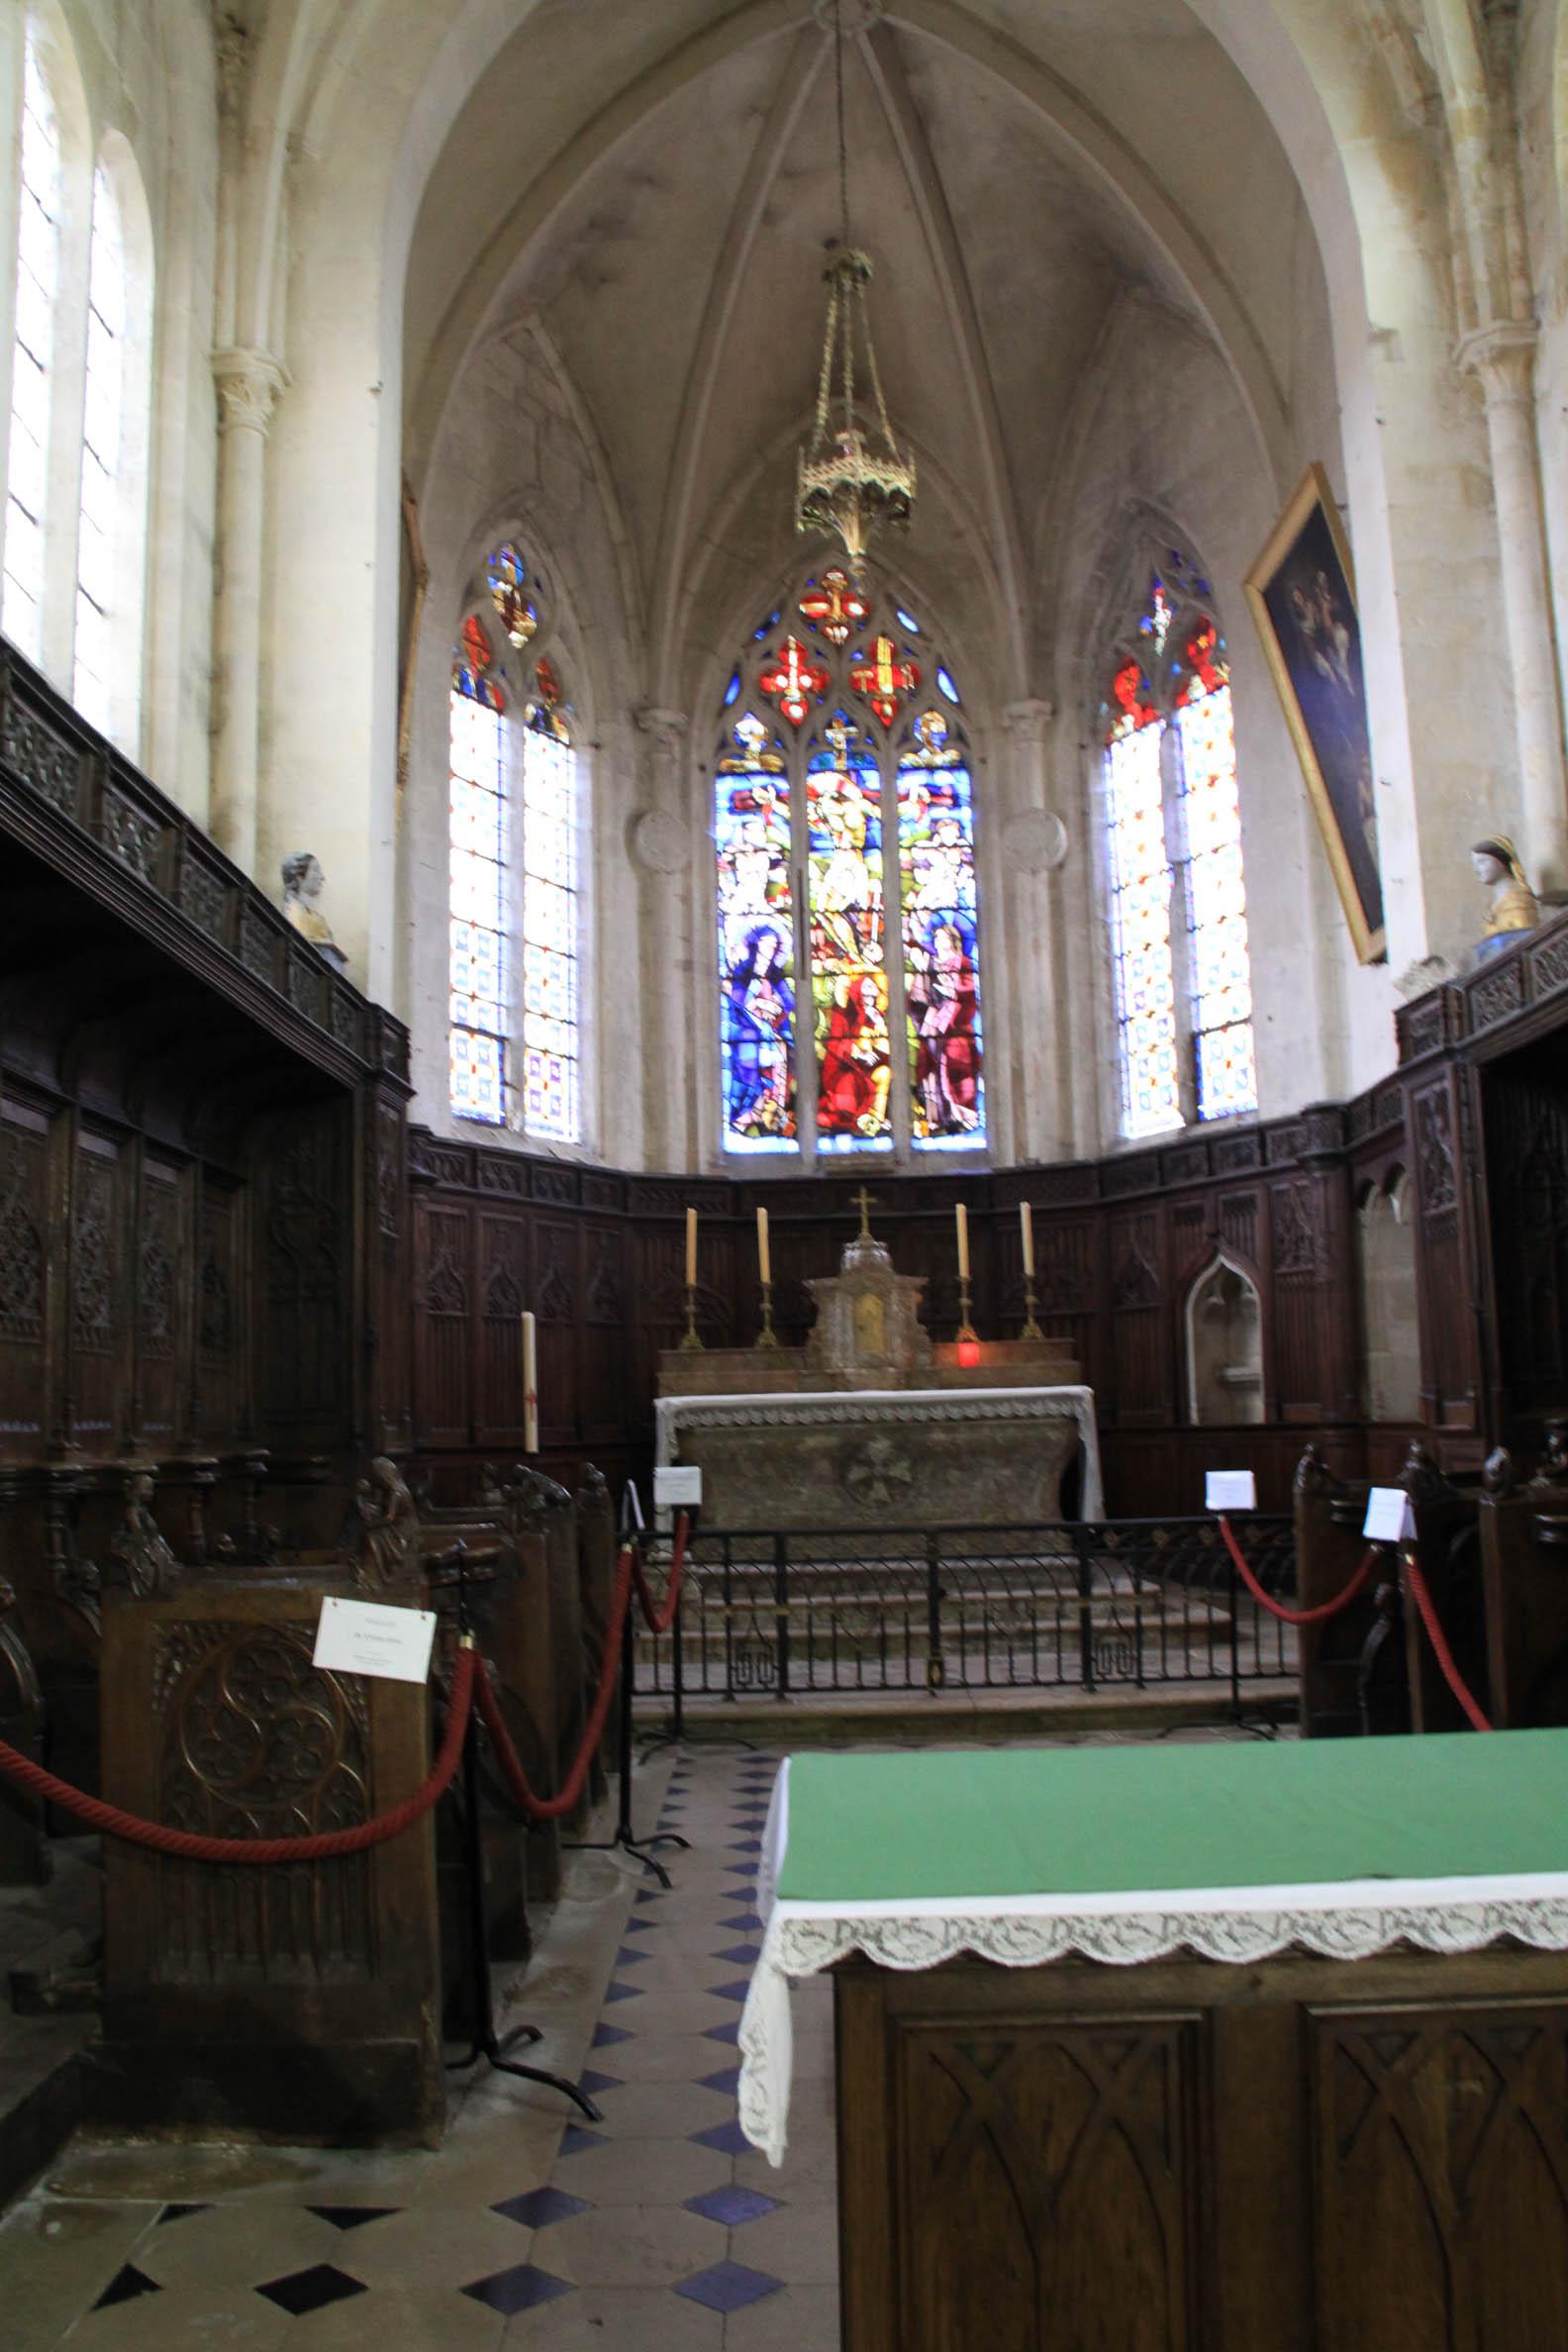 Eglises et abbayes Bourguignonnes : Eglise de Flavigny-sur-Ozerain (2)